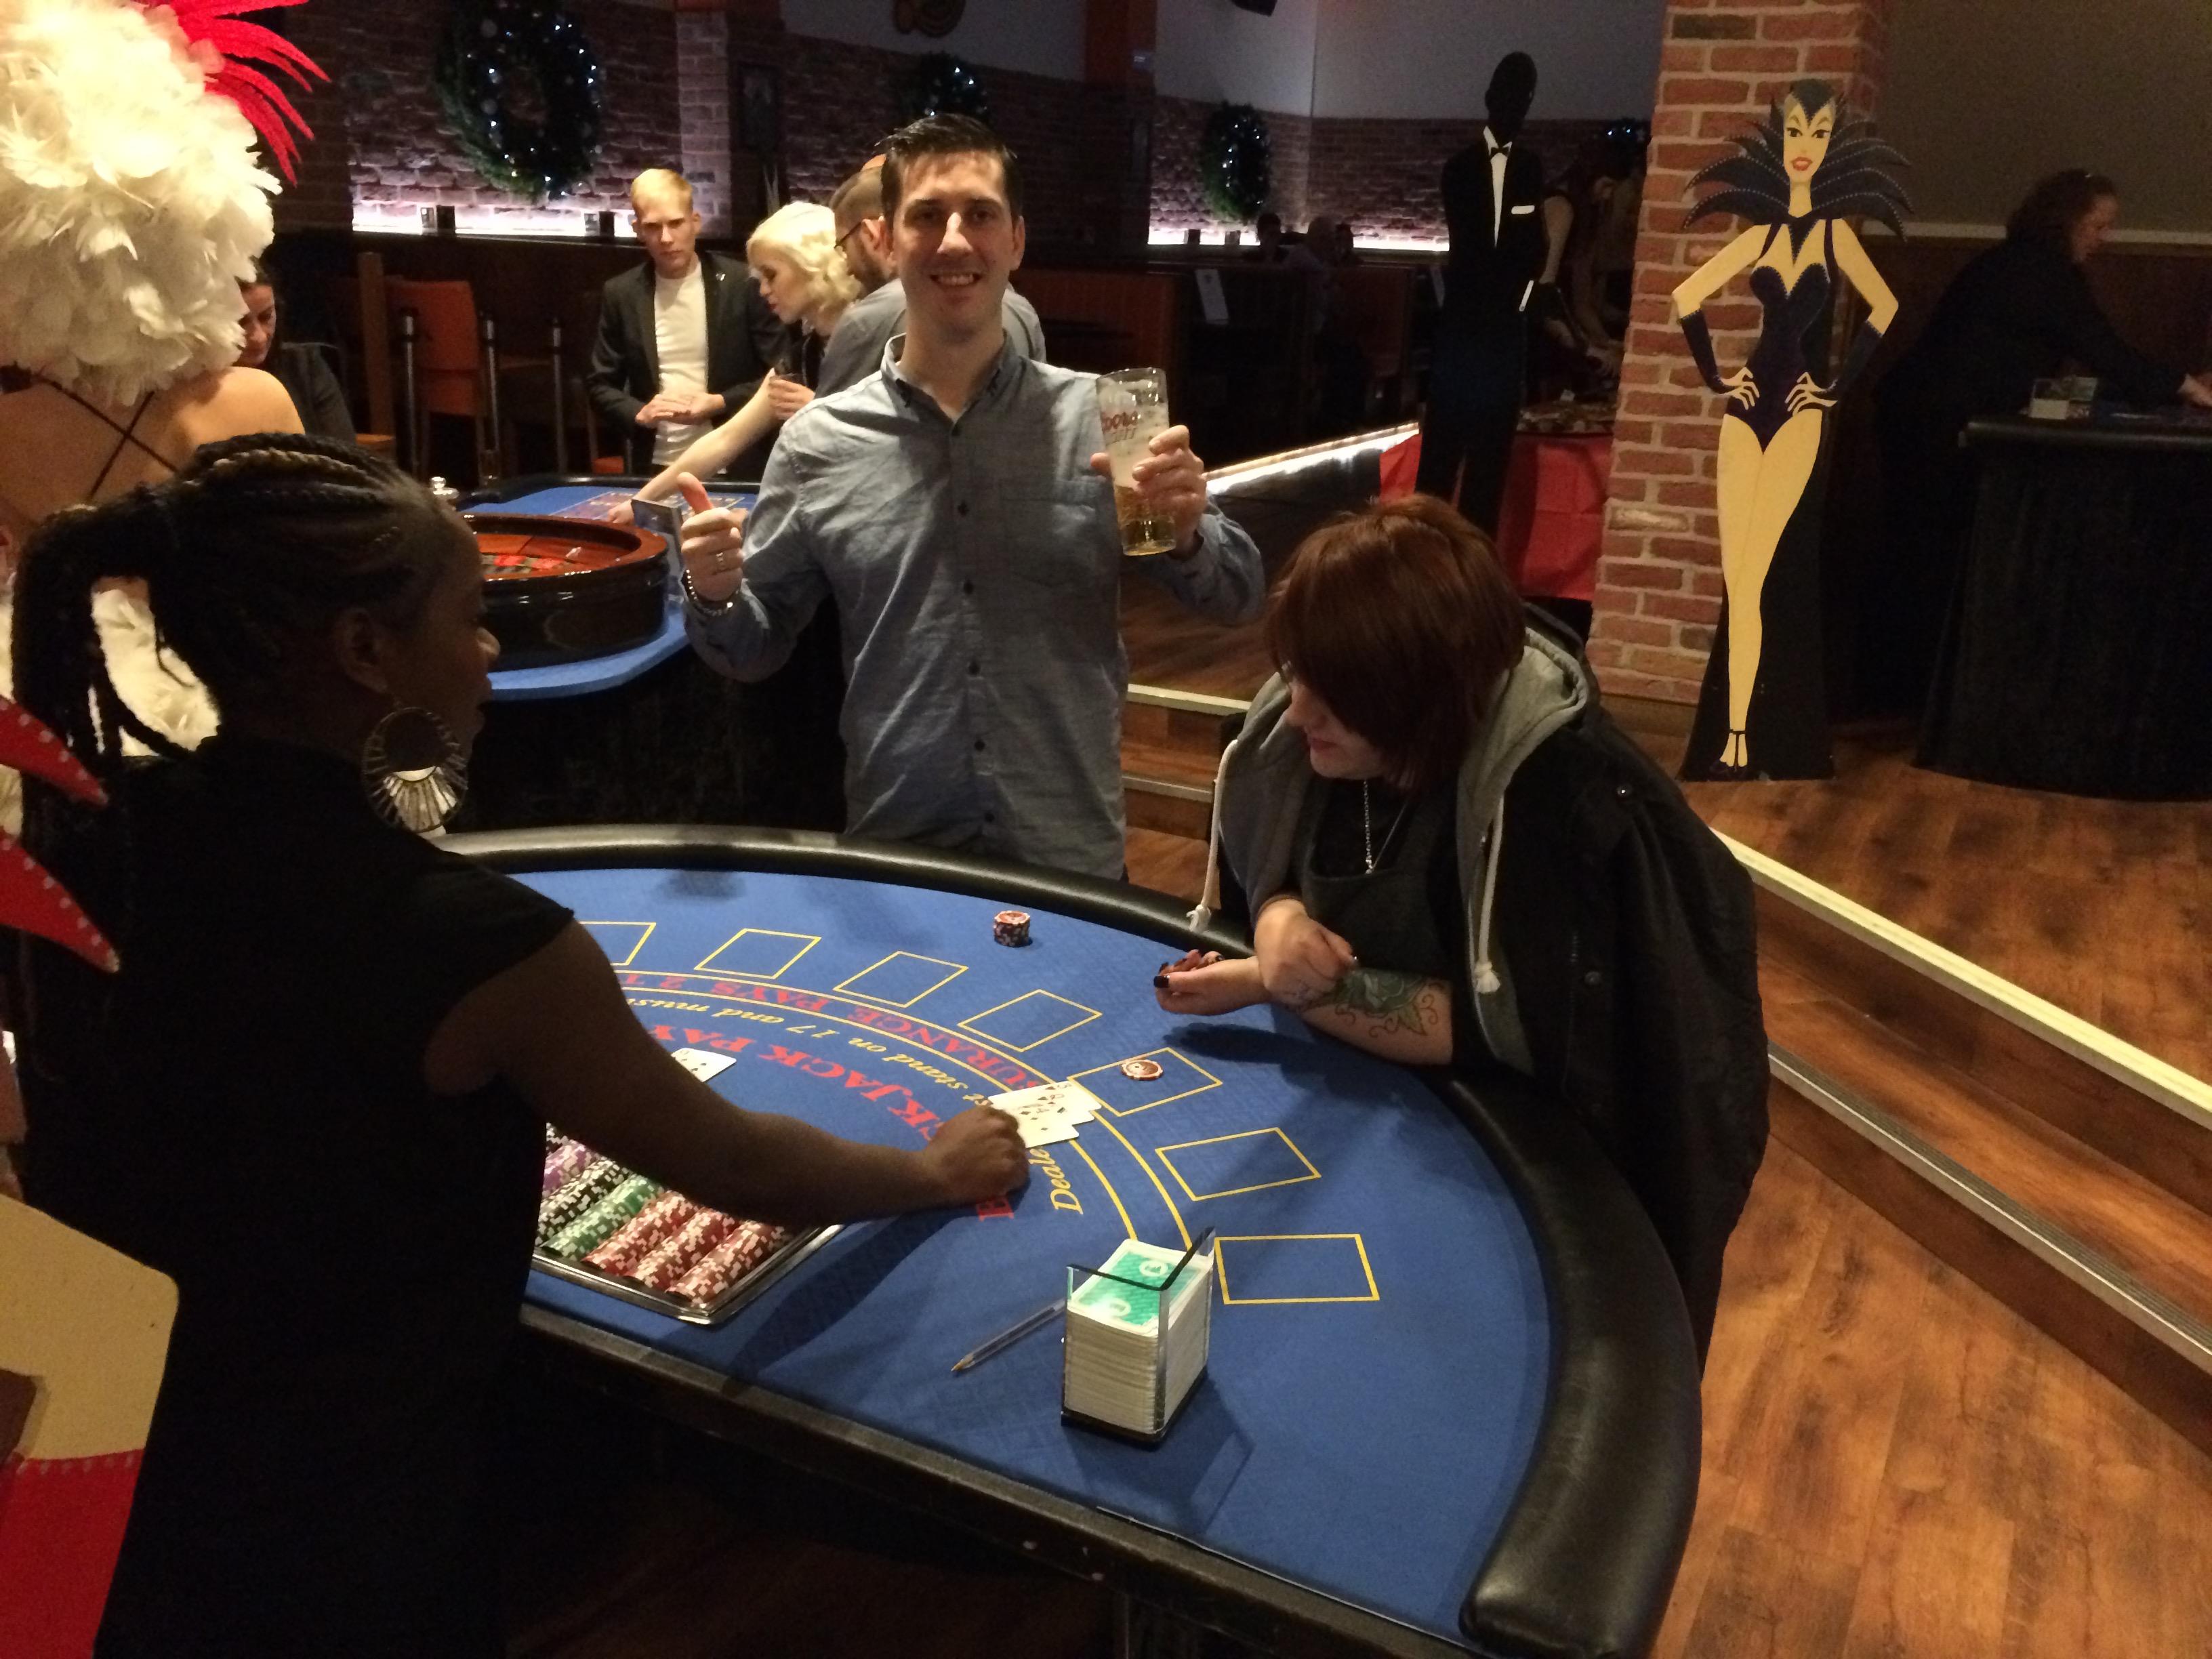 Midland Casino Hire Media Fun Casino Hire Video